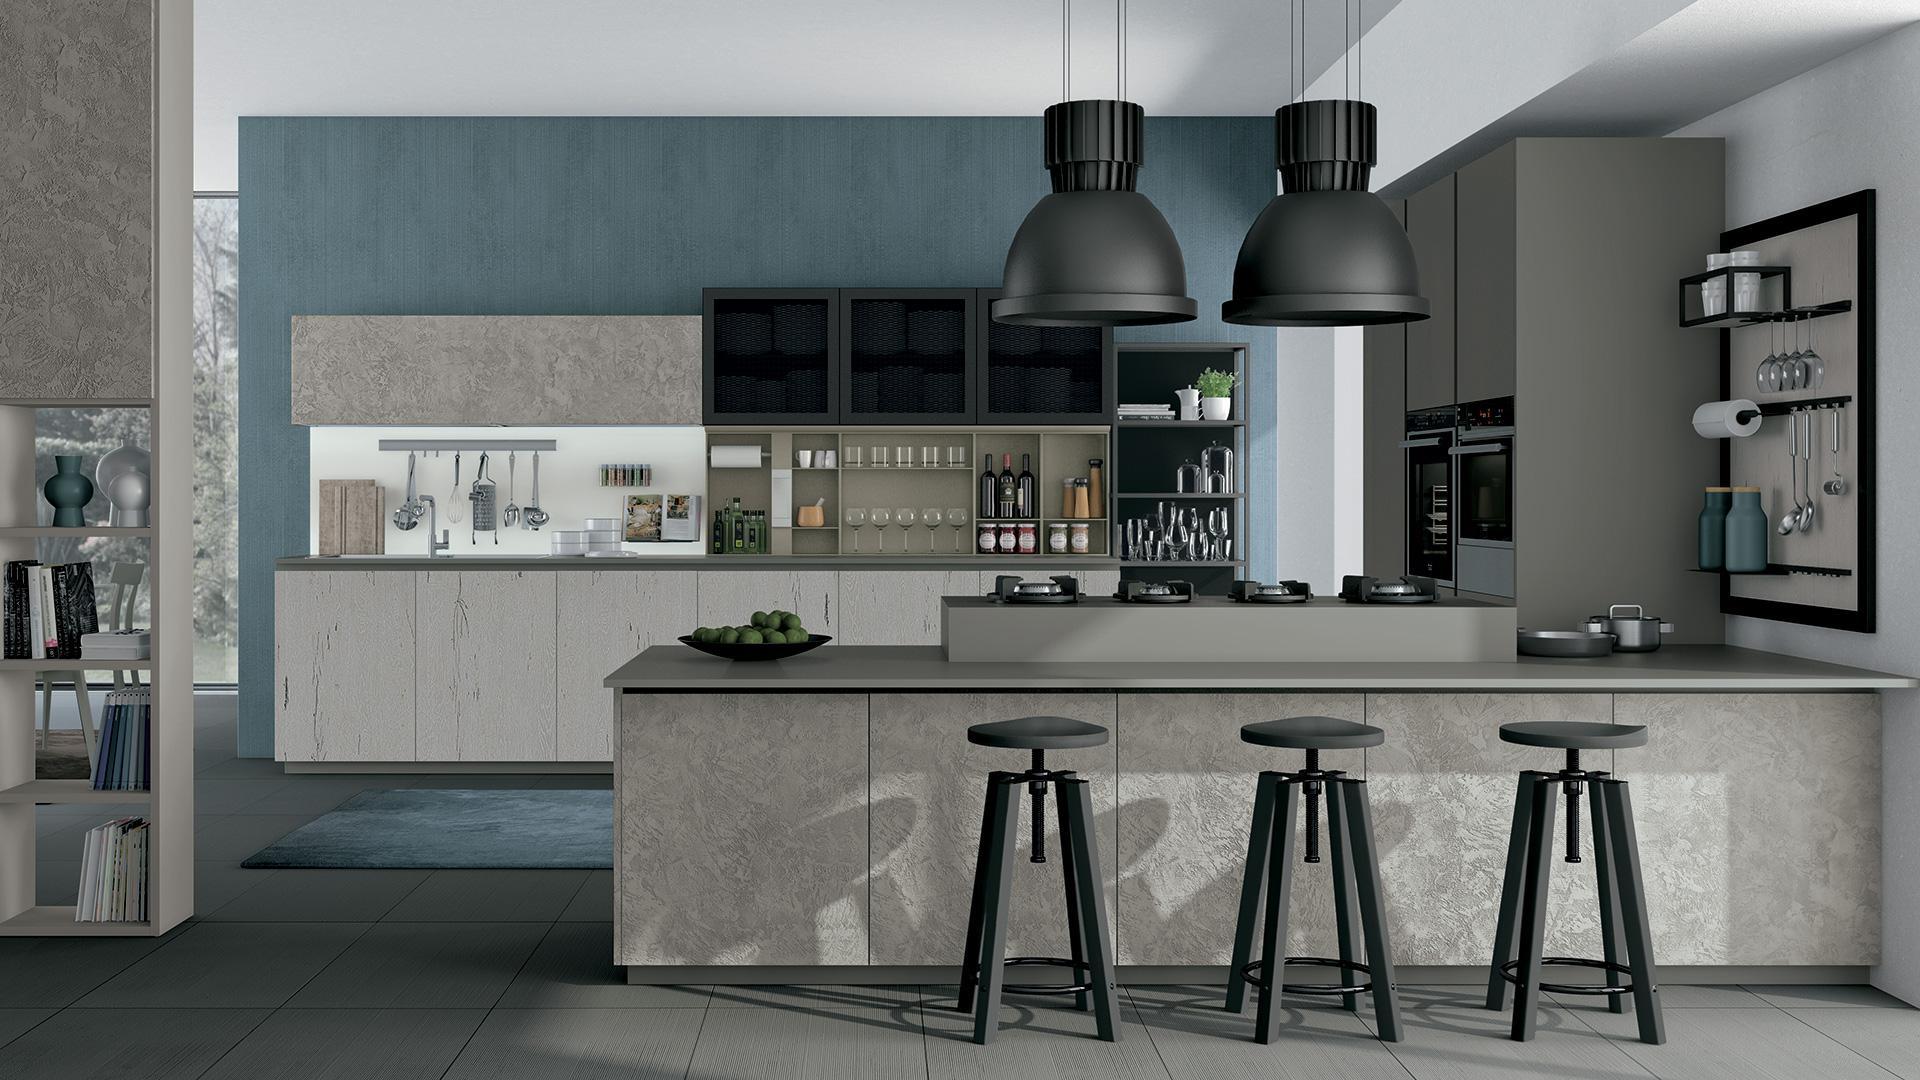 Lampade Da Cucina Design : Lampade da cucina limportanza della luce le lampade per la sala